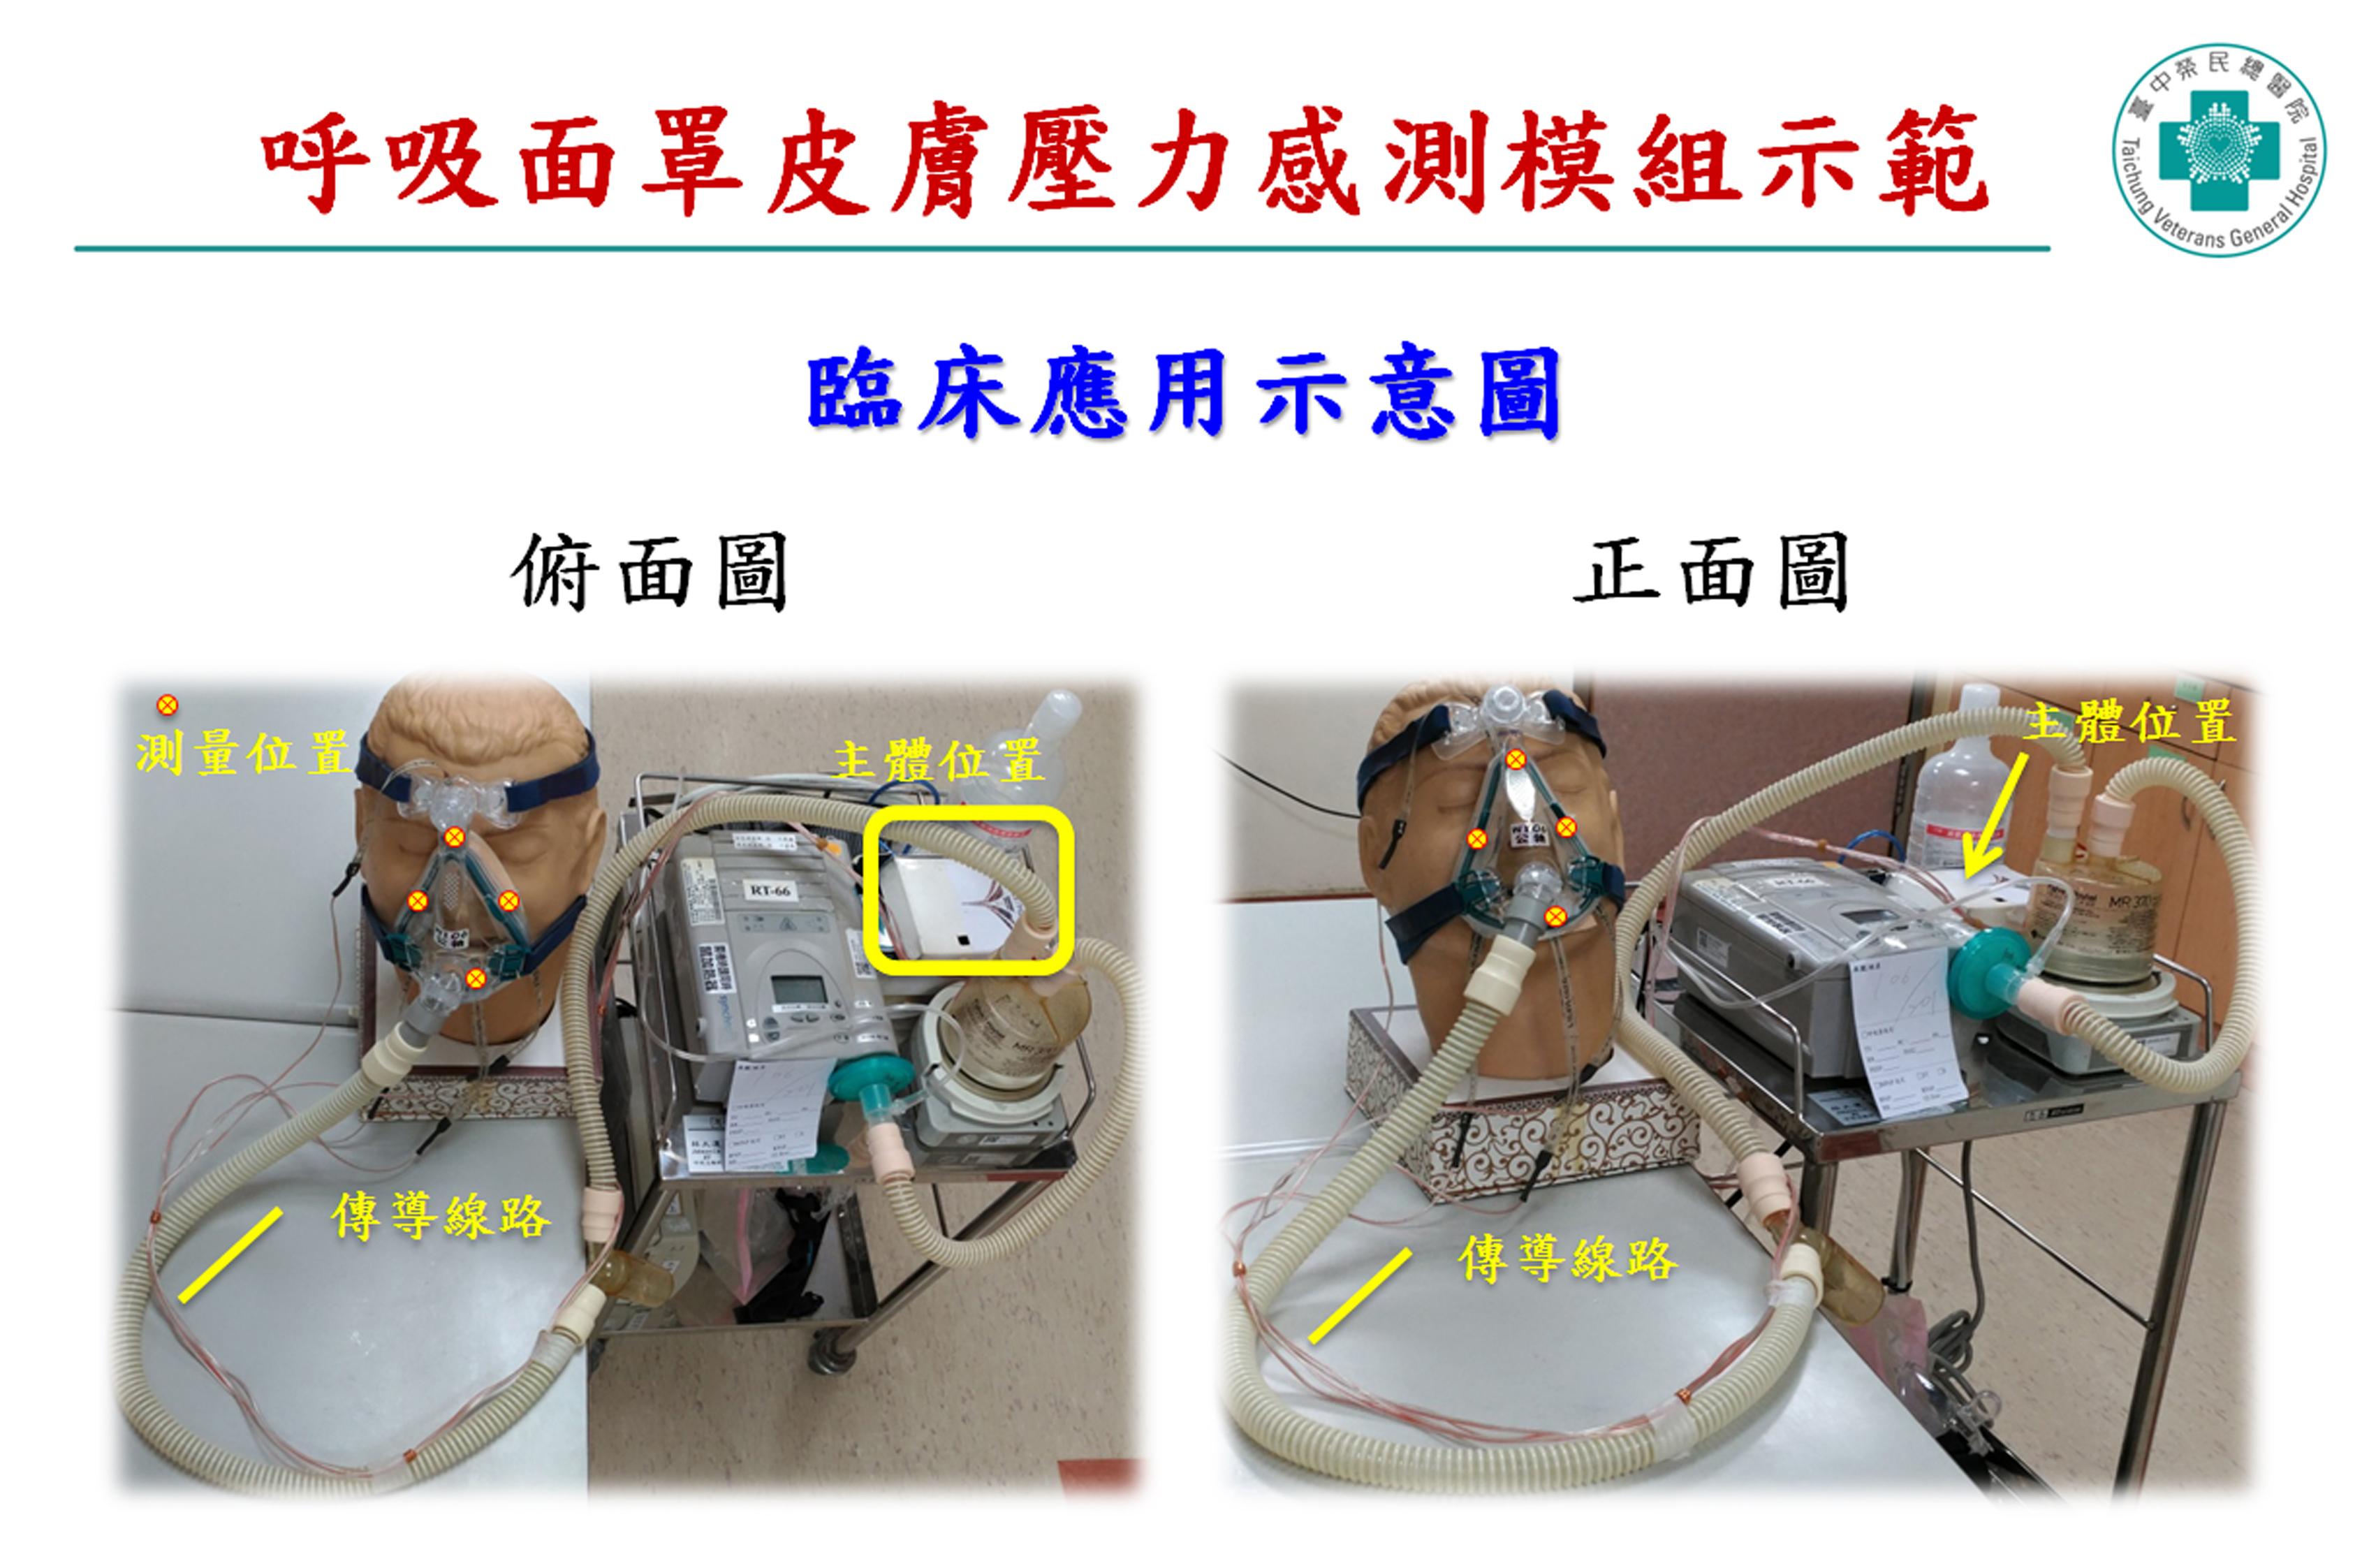 呼吸面罩皮膚壓力感測模組臨床應用示意圖